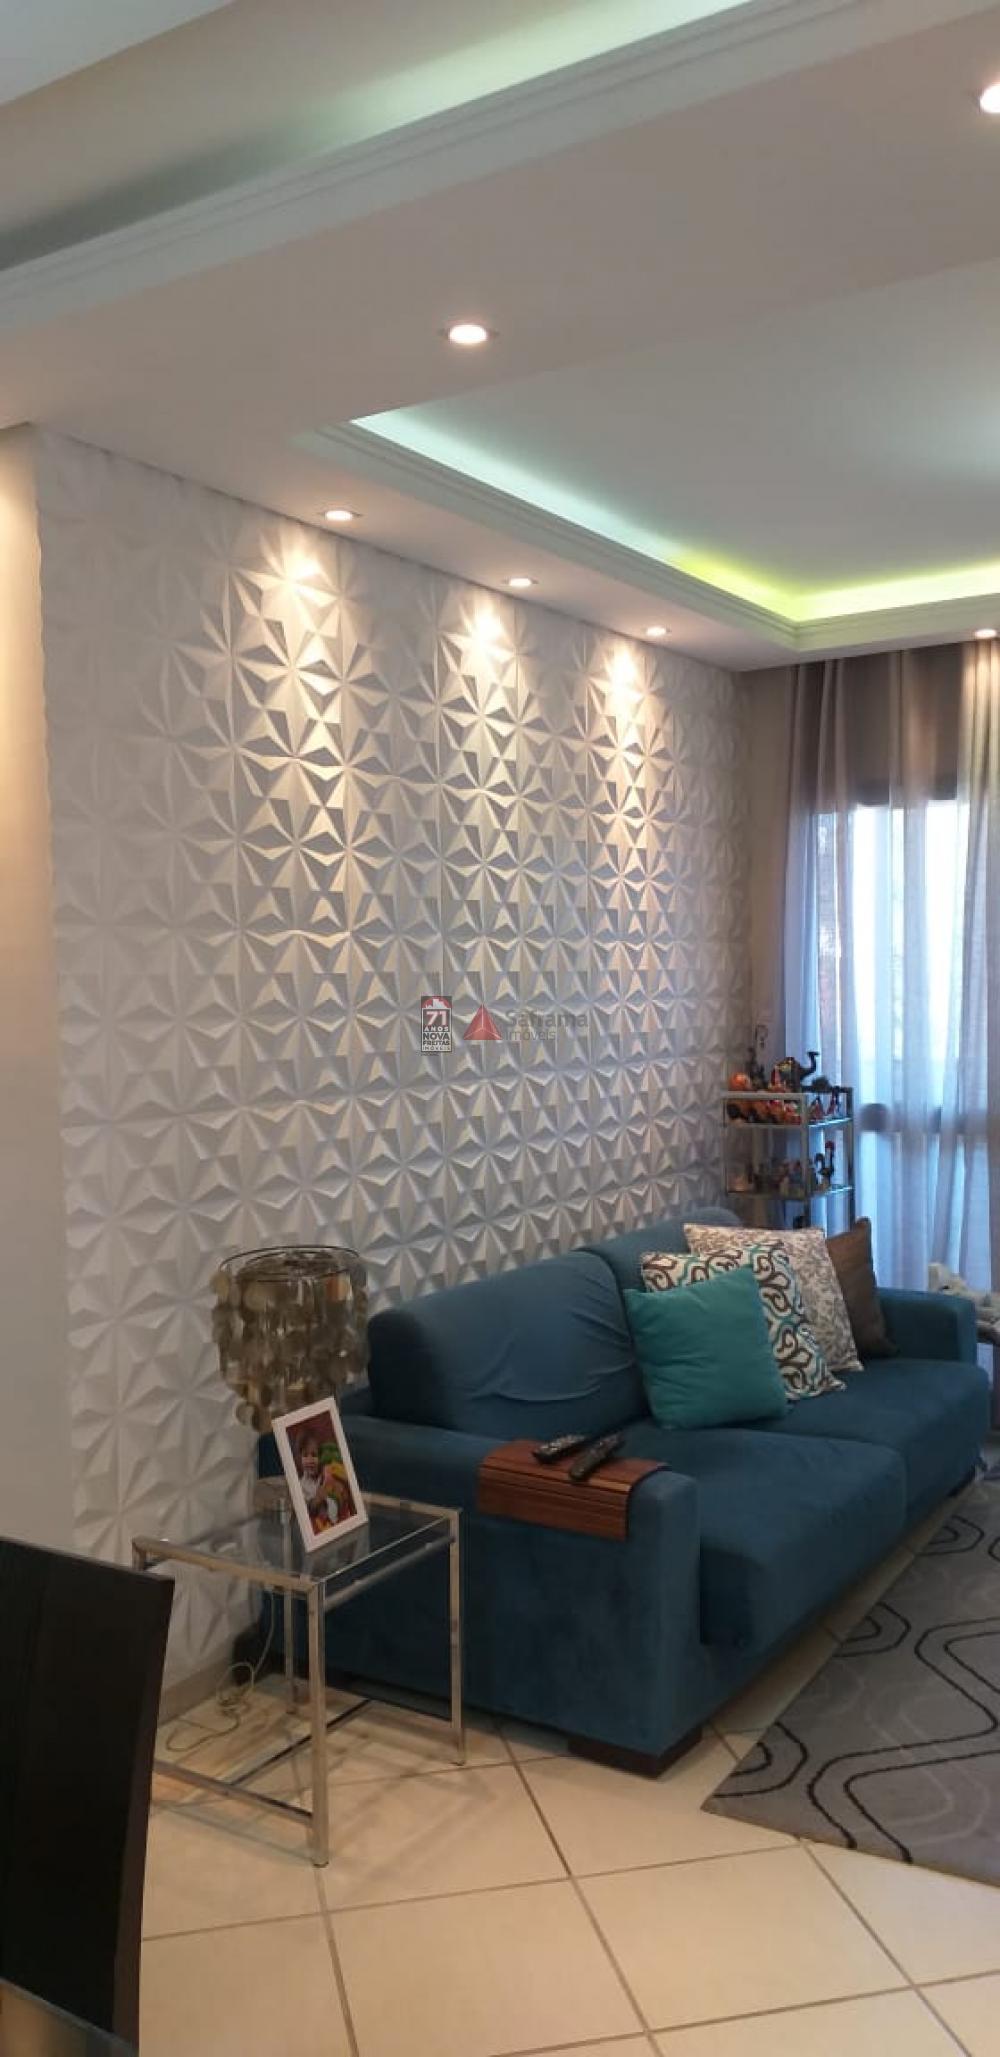 Comprar Apartamento / Padrão em São José dos Campos R$ 765.000,00 - Foto 6